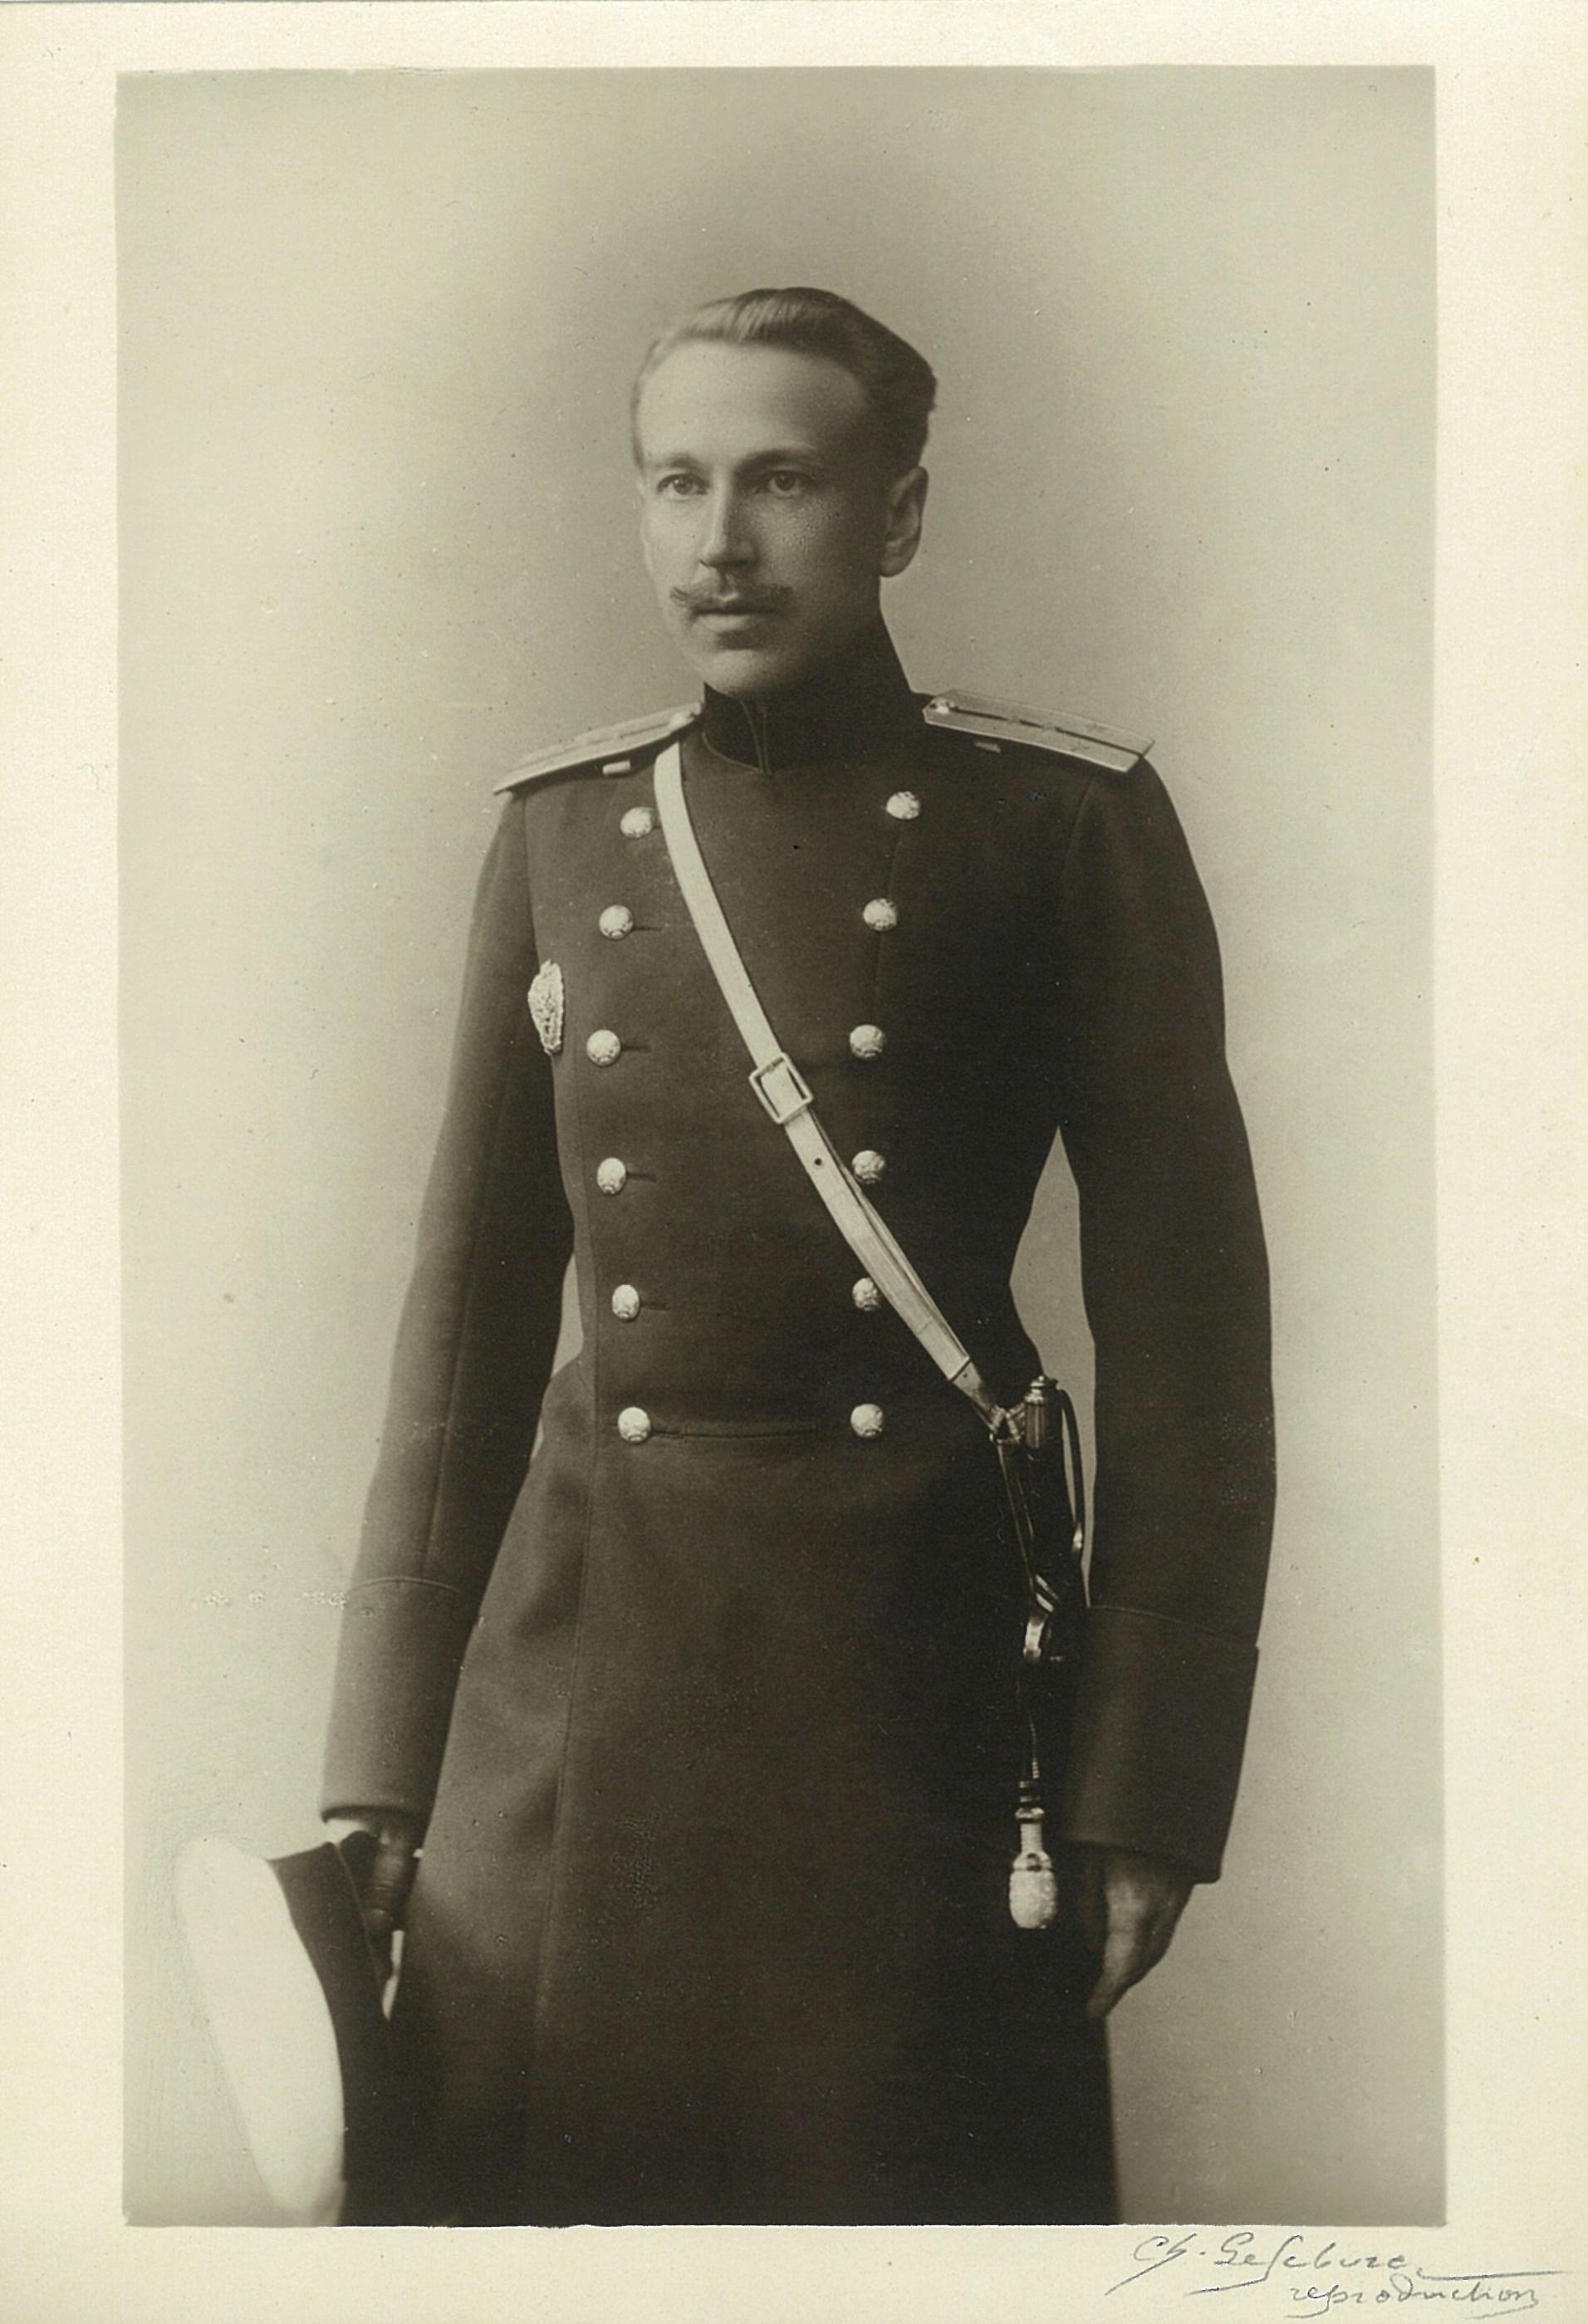 Капитан Сергей Филиппович Собин, военный инженер, брат Лидии Филипповны Всеволожской. Скончался в чине полковника в Париже. 1930